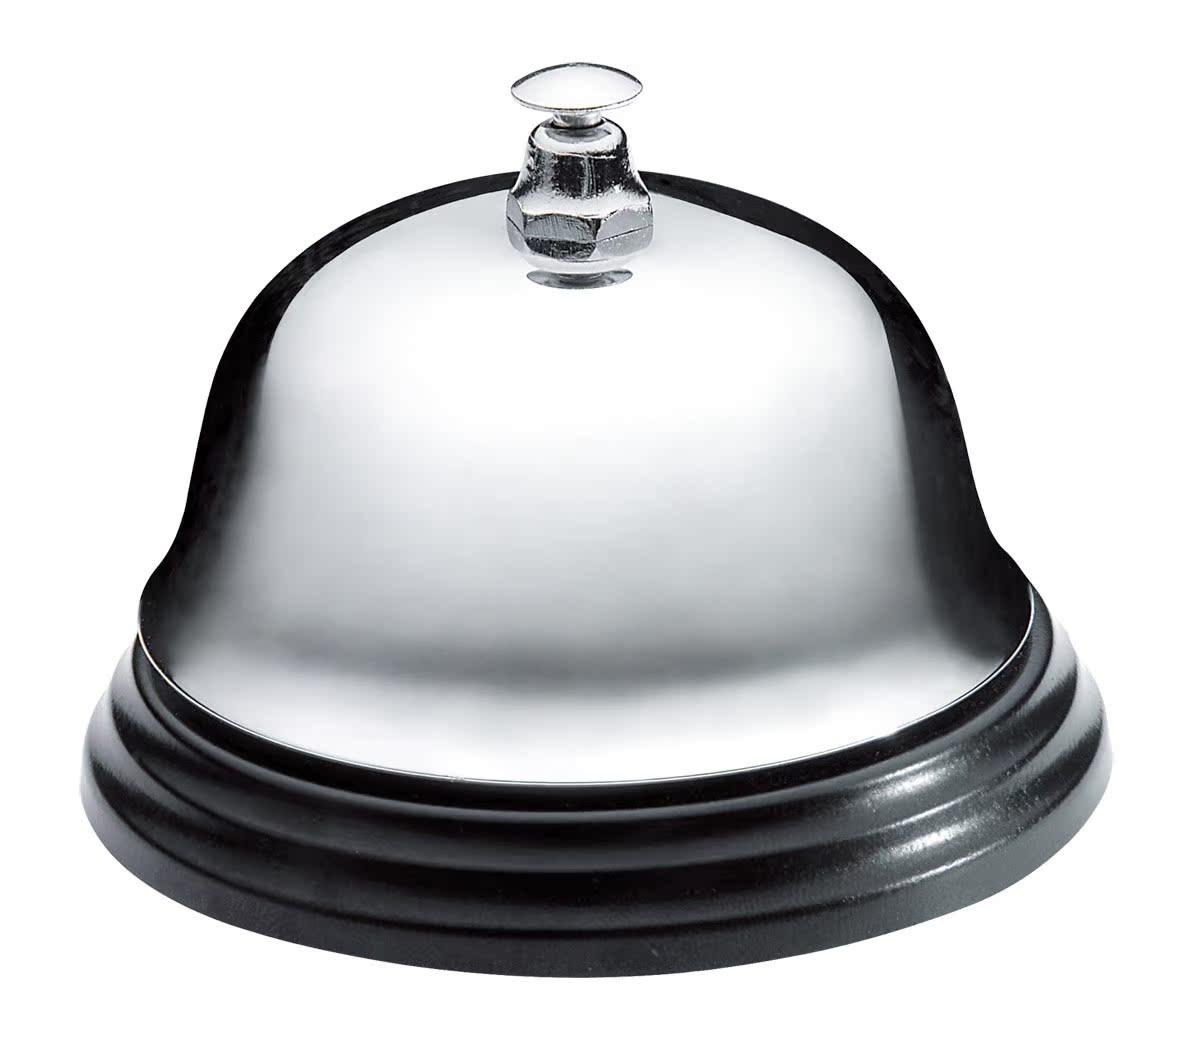 China Call Bell, China Call Bell Shopping Guide at Alibaba.com